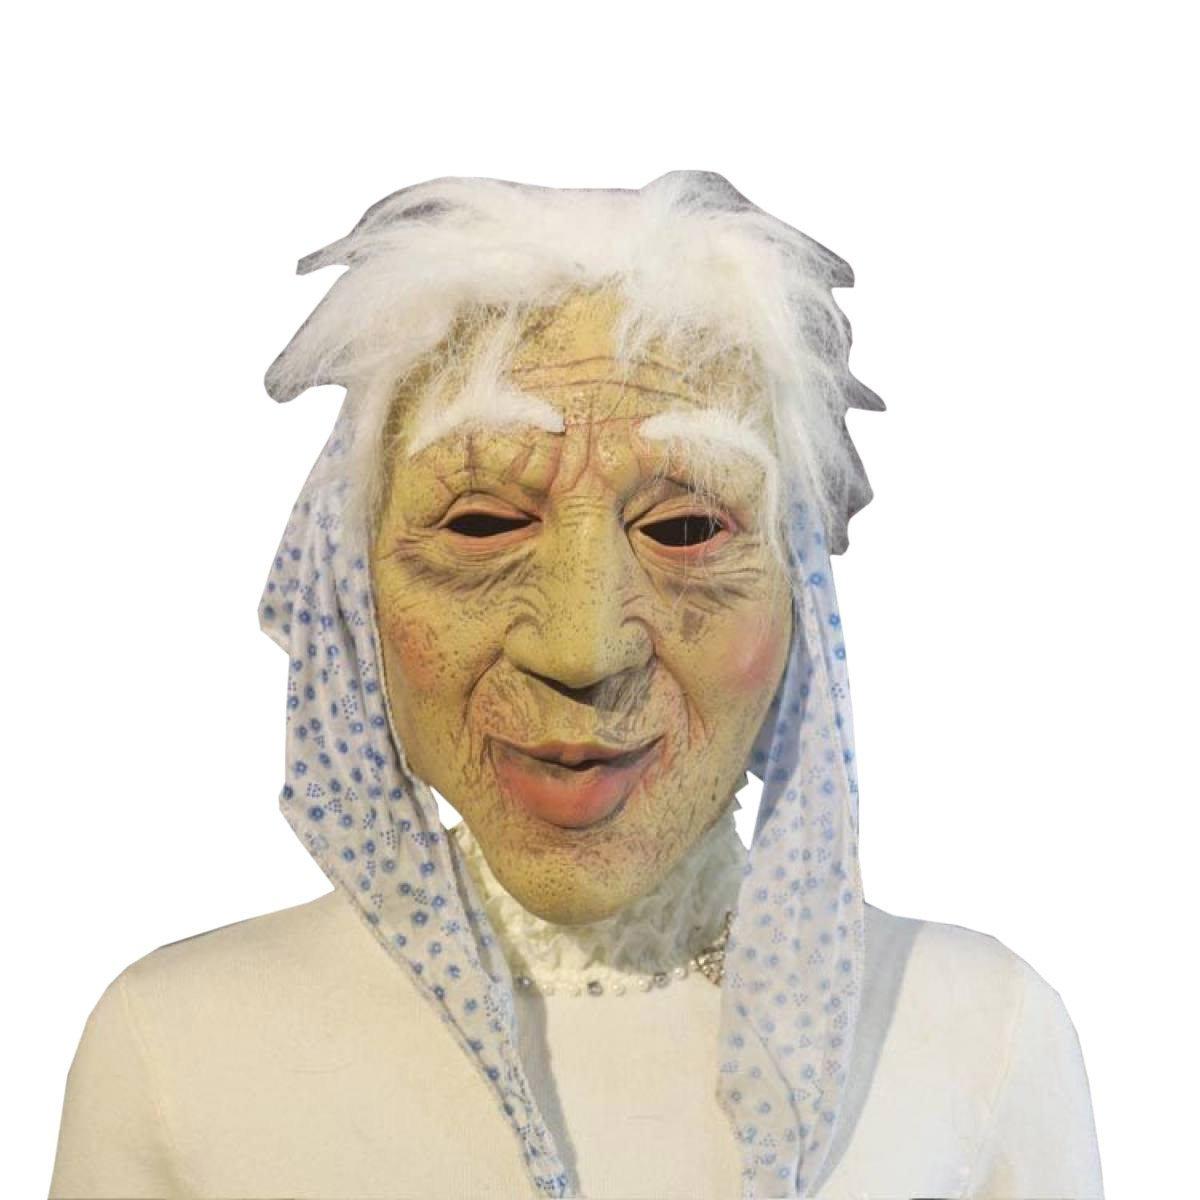 primera reputación de los clientes primero A Nihiug Antiguo Old Woman Halloween MásCochea Adulto Adulto Adulto MásCochea De Látex Hombres Y Mujeres Bola Horror Cabeza De La Cubierta Plaga Bird Mask Doctor Mask,A  nuevo listado